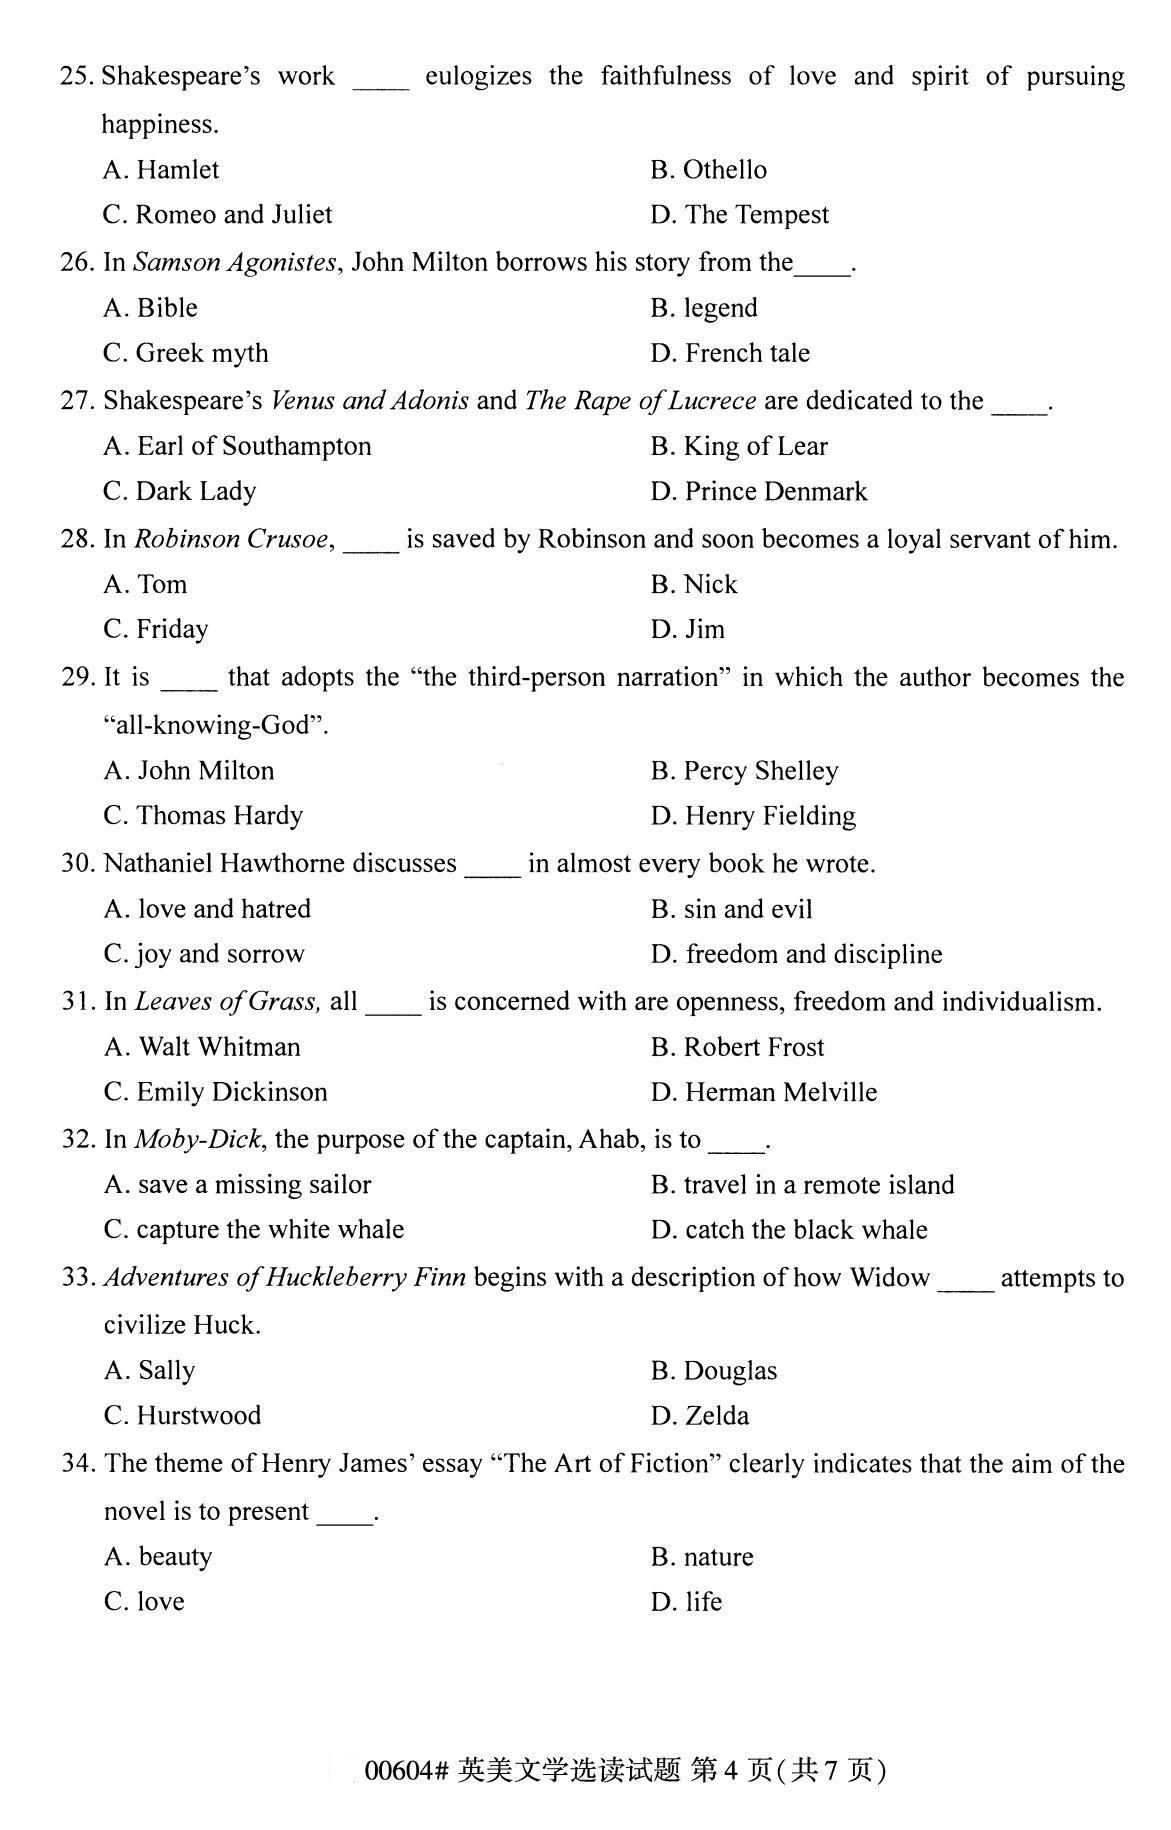 浙江自考本科复习资料:2020年8月自考00604英美文学选读试题4